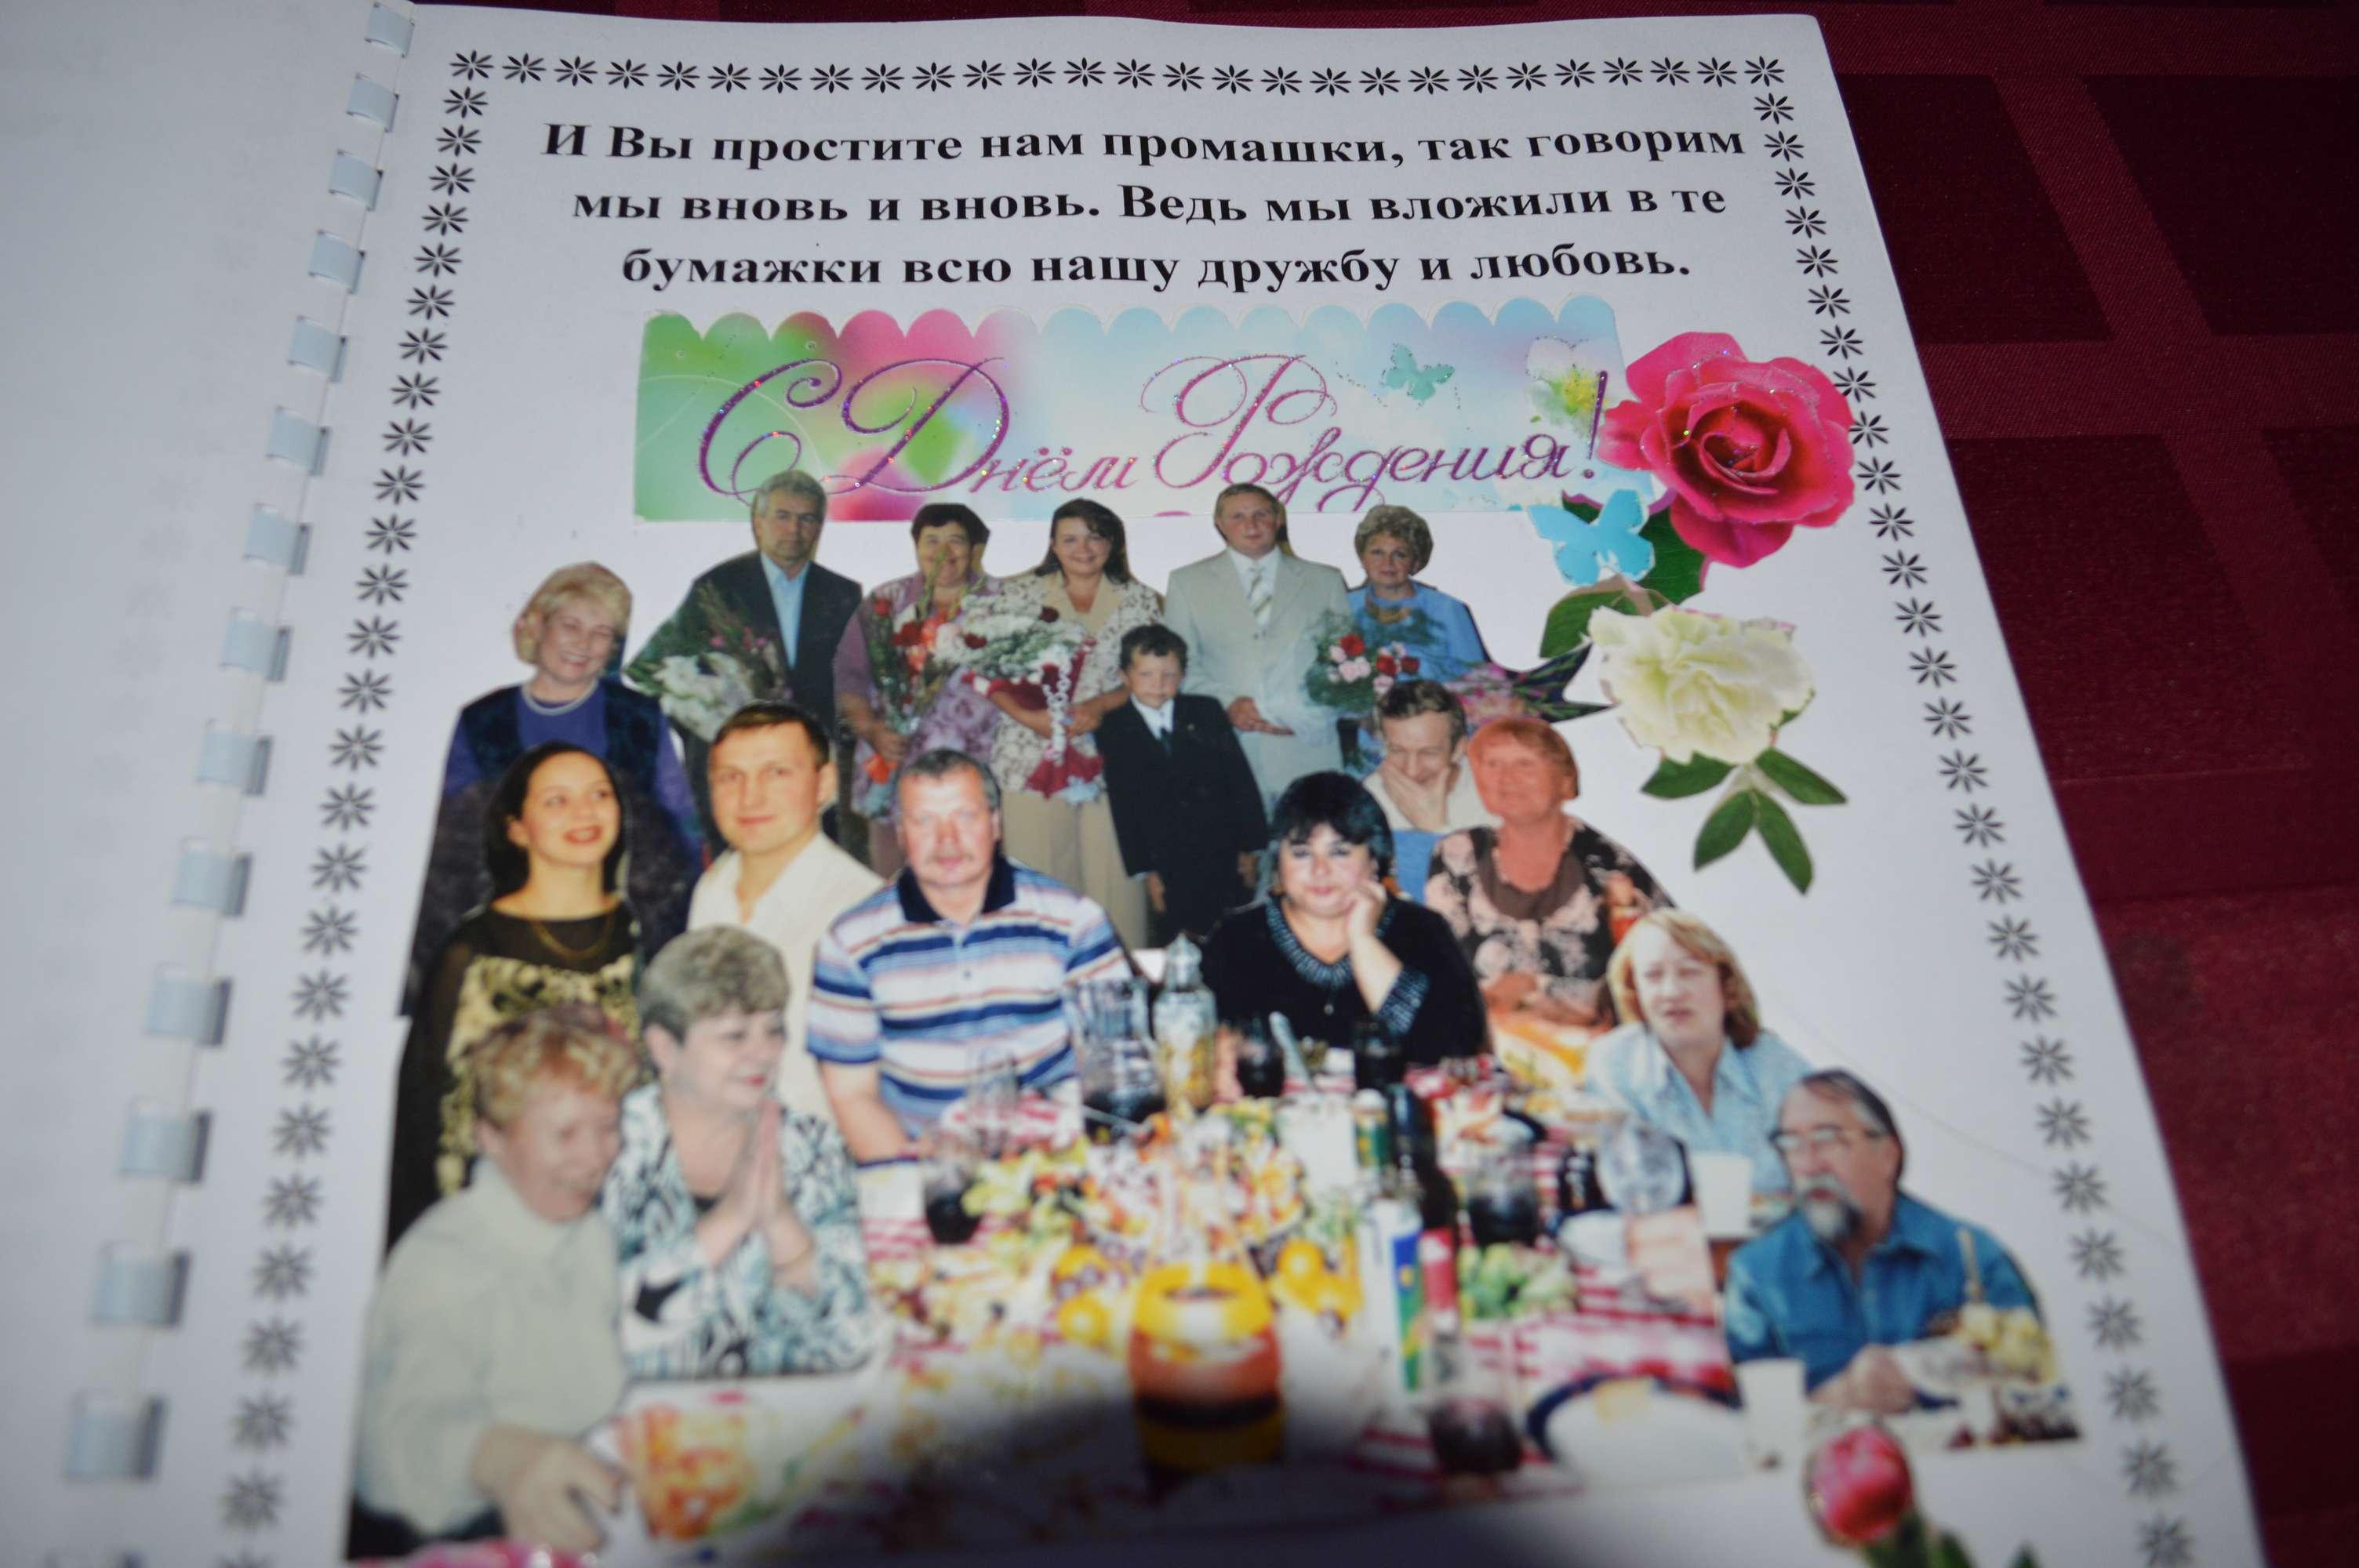 Оригинальное вручение подарка к юбилею 50 лет